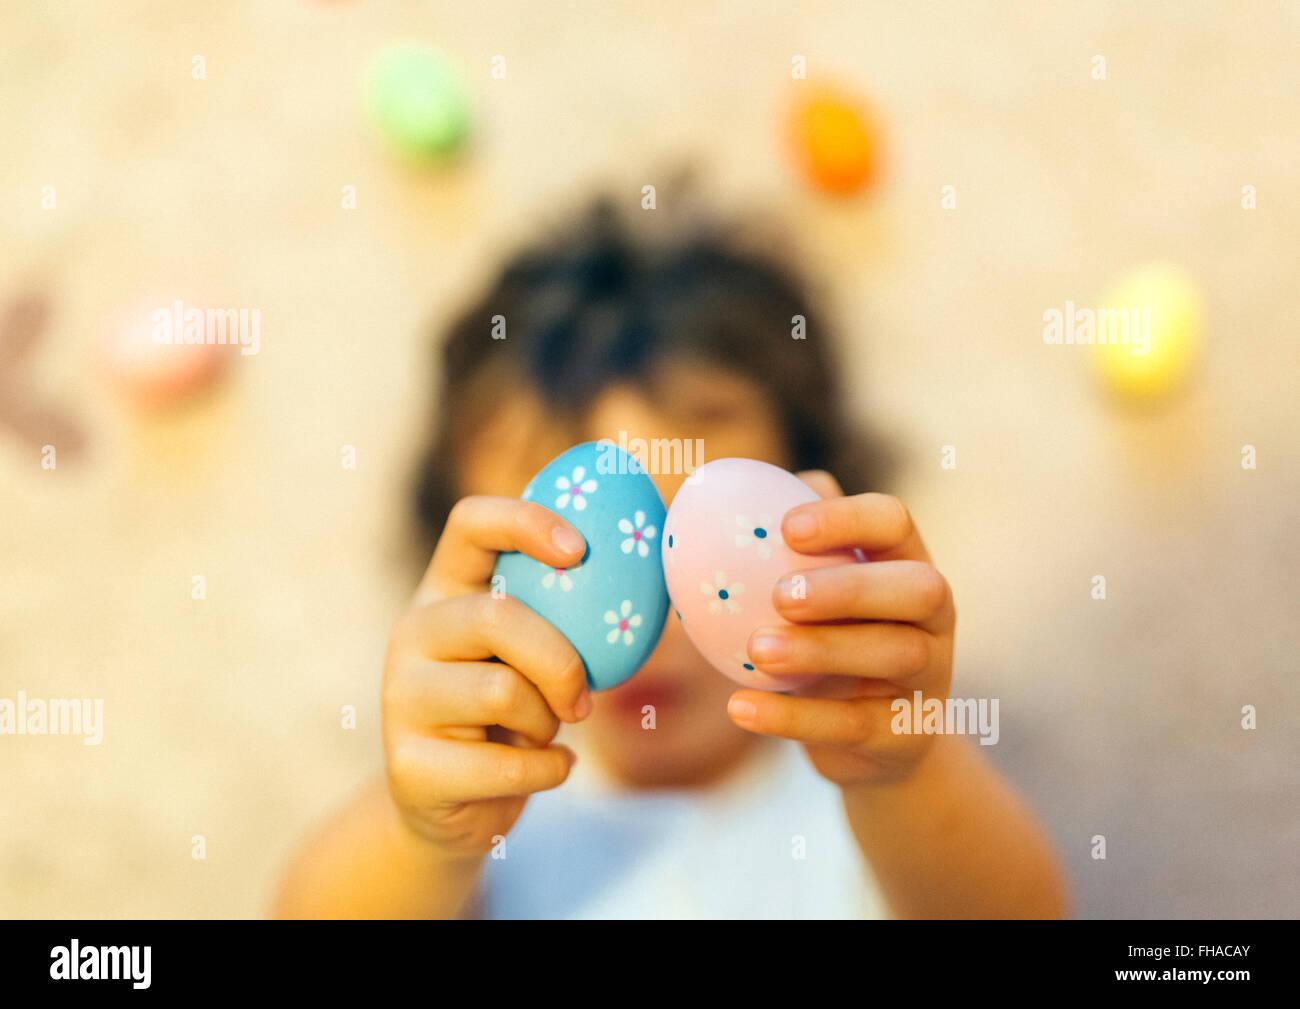 Chica manos sosteniendo dos huevos de Pascua pintados Imagen De Stock